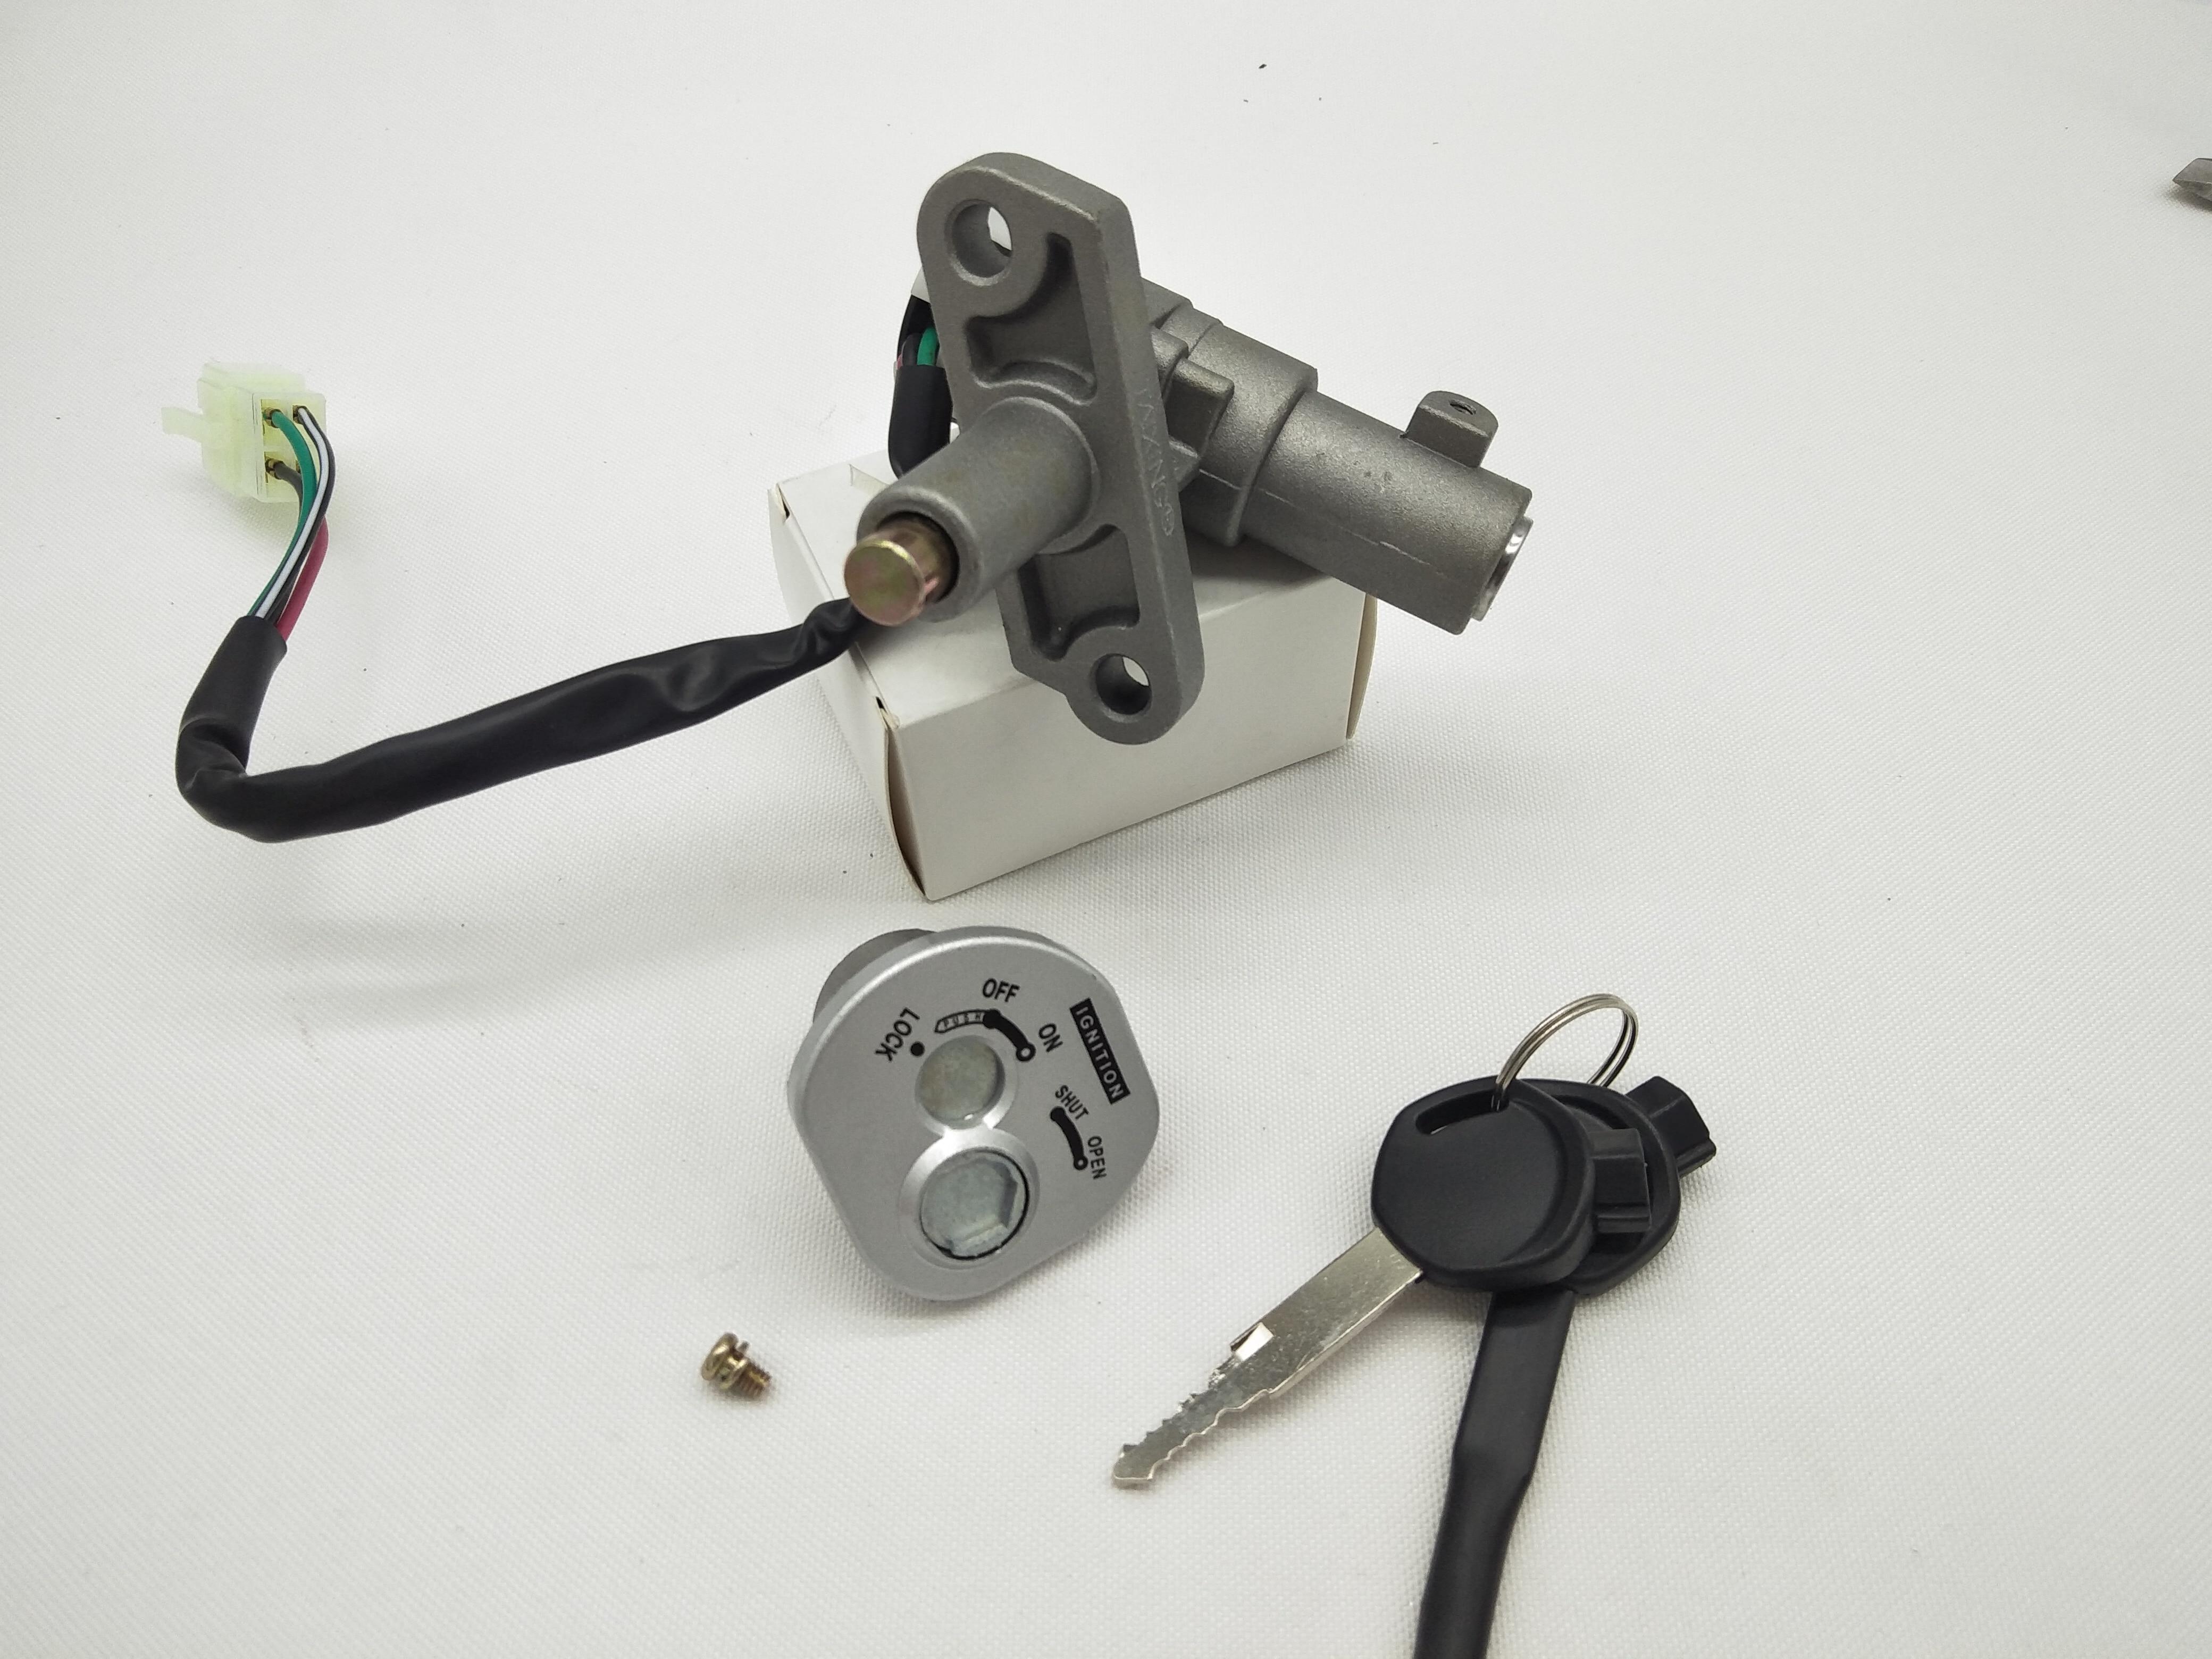 A517 Ignition Switch Lock Key Set For Scooter Keeway Hurricane 50 Hurricane 90 KW50QT-2 QJ50QT-2 For YAMAHA BWS125